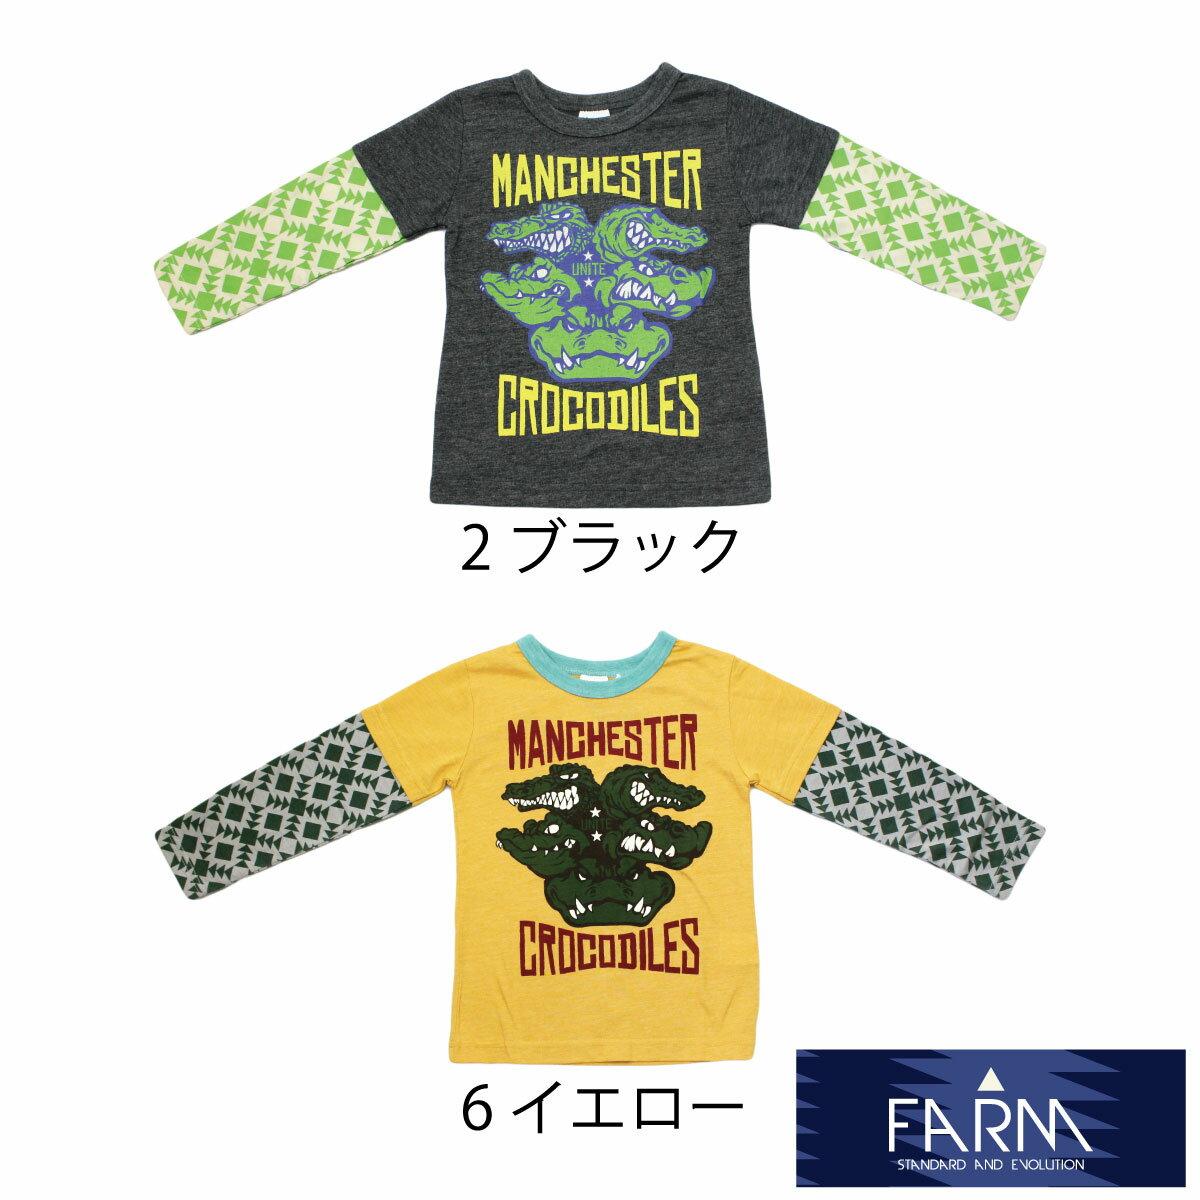 【セール】【50%off】【ネコポス対応】【SiShuNon/FARM】クロコダイルズTシャツ 恐竜 キョウリュウ 男の子 長袖 Tシャツ